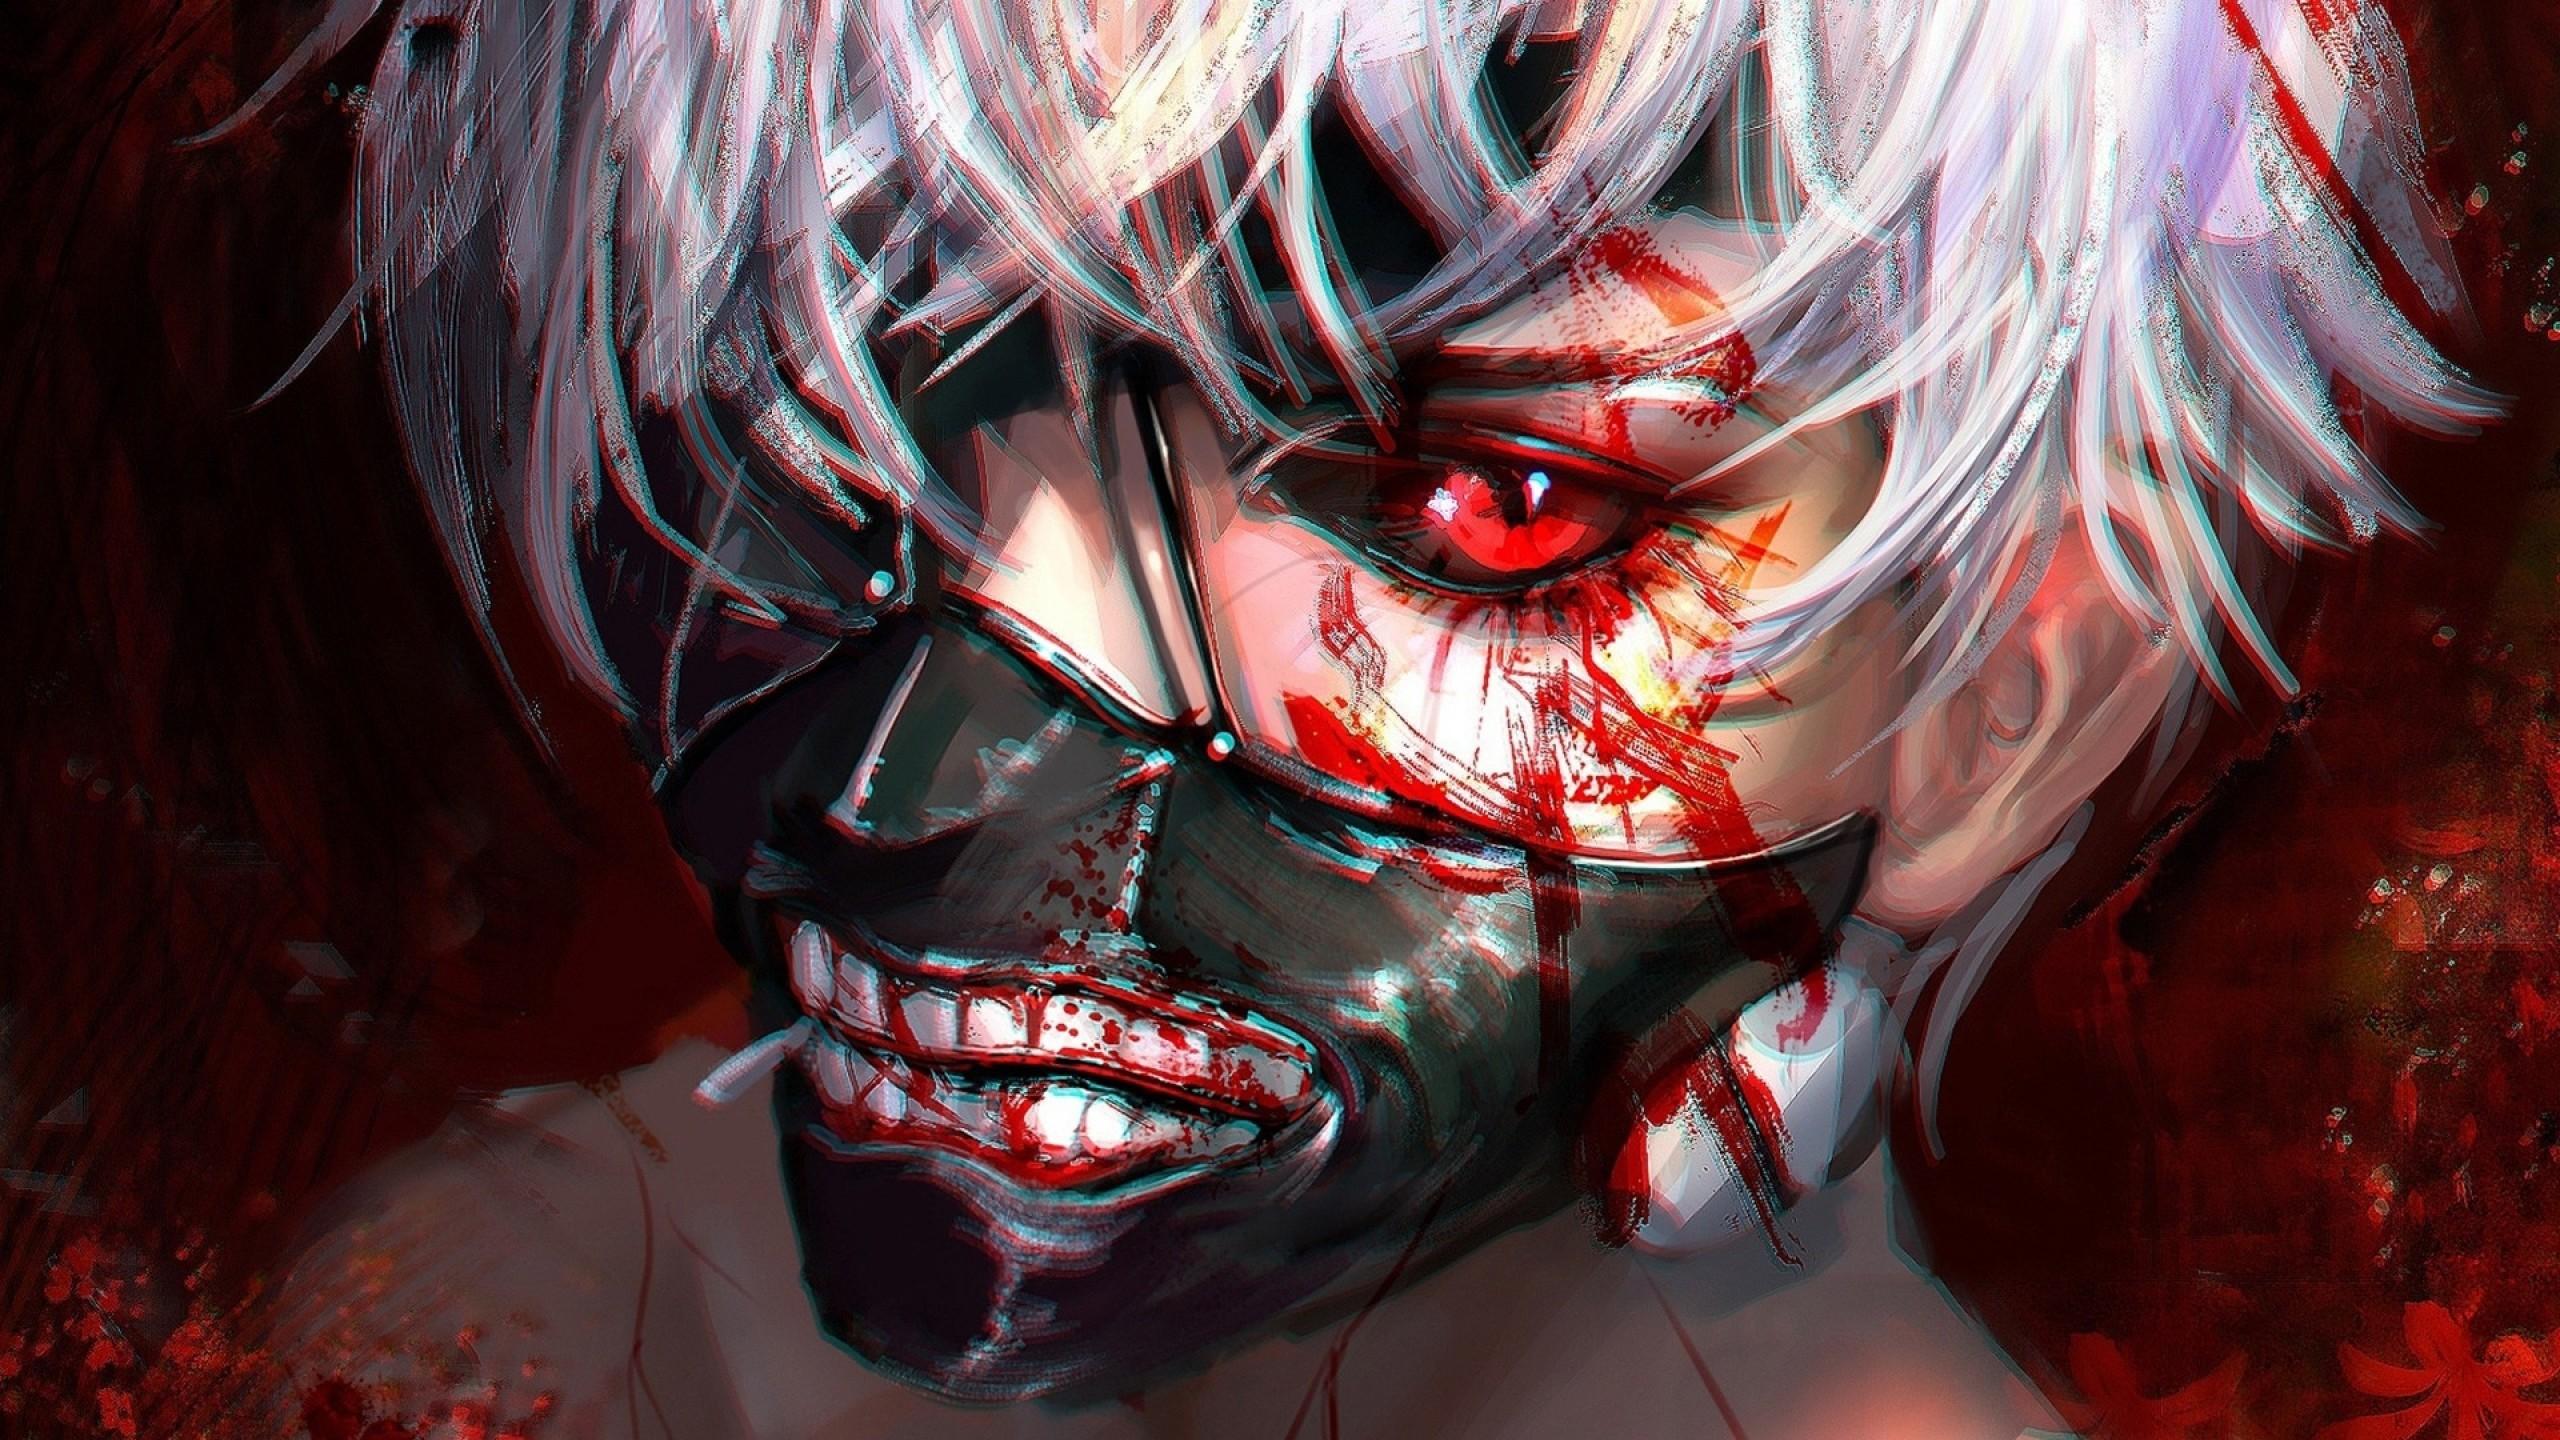 Ken Kaneki, Red Eyes, Mask, Tokyo Ghoul